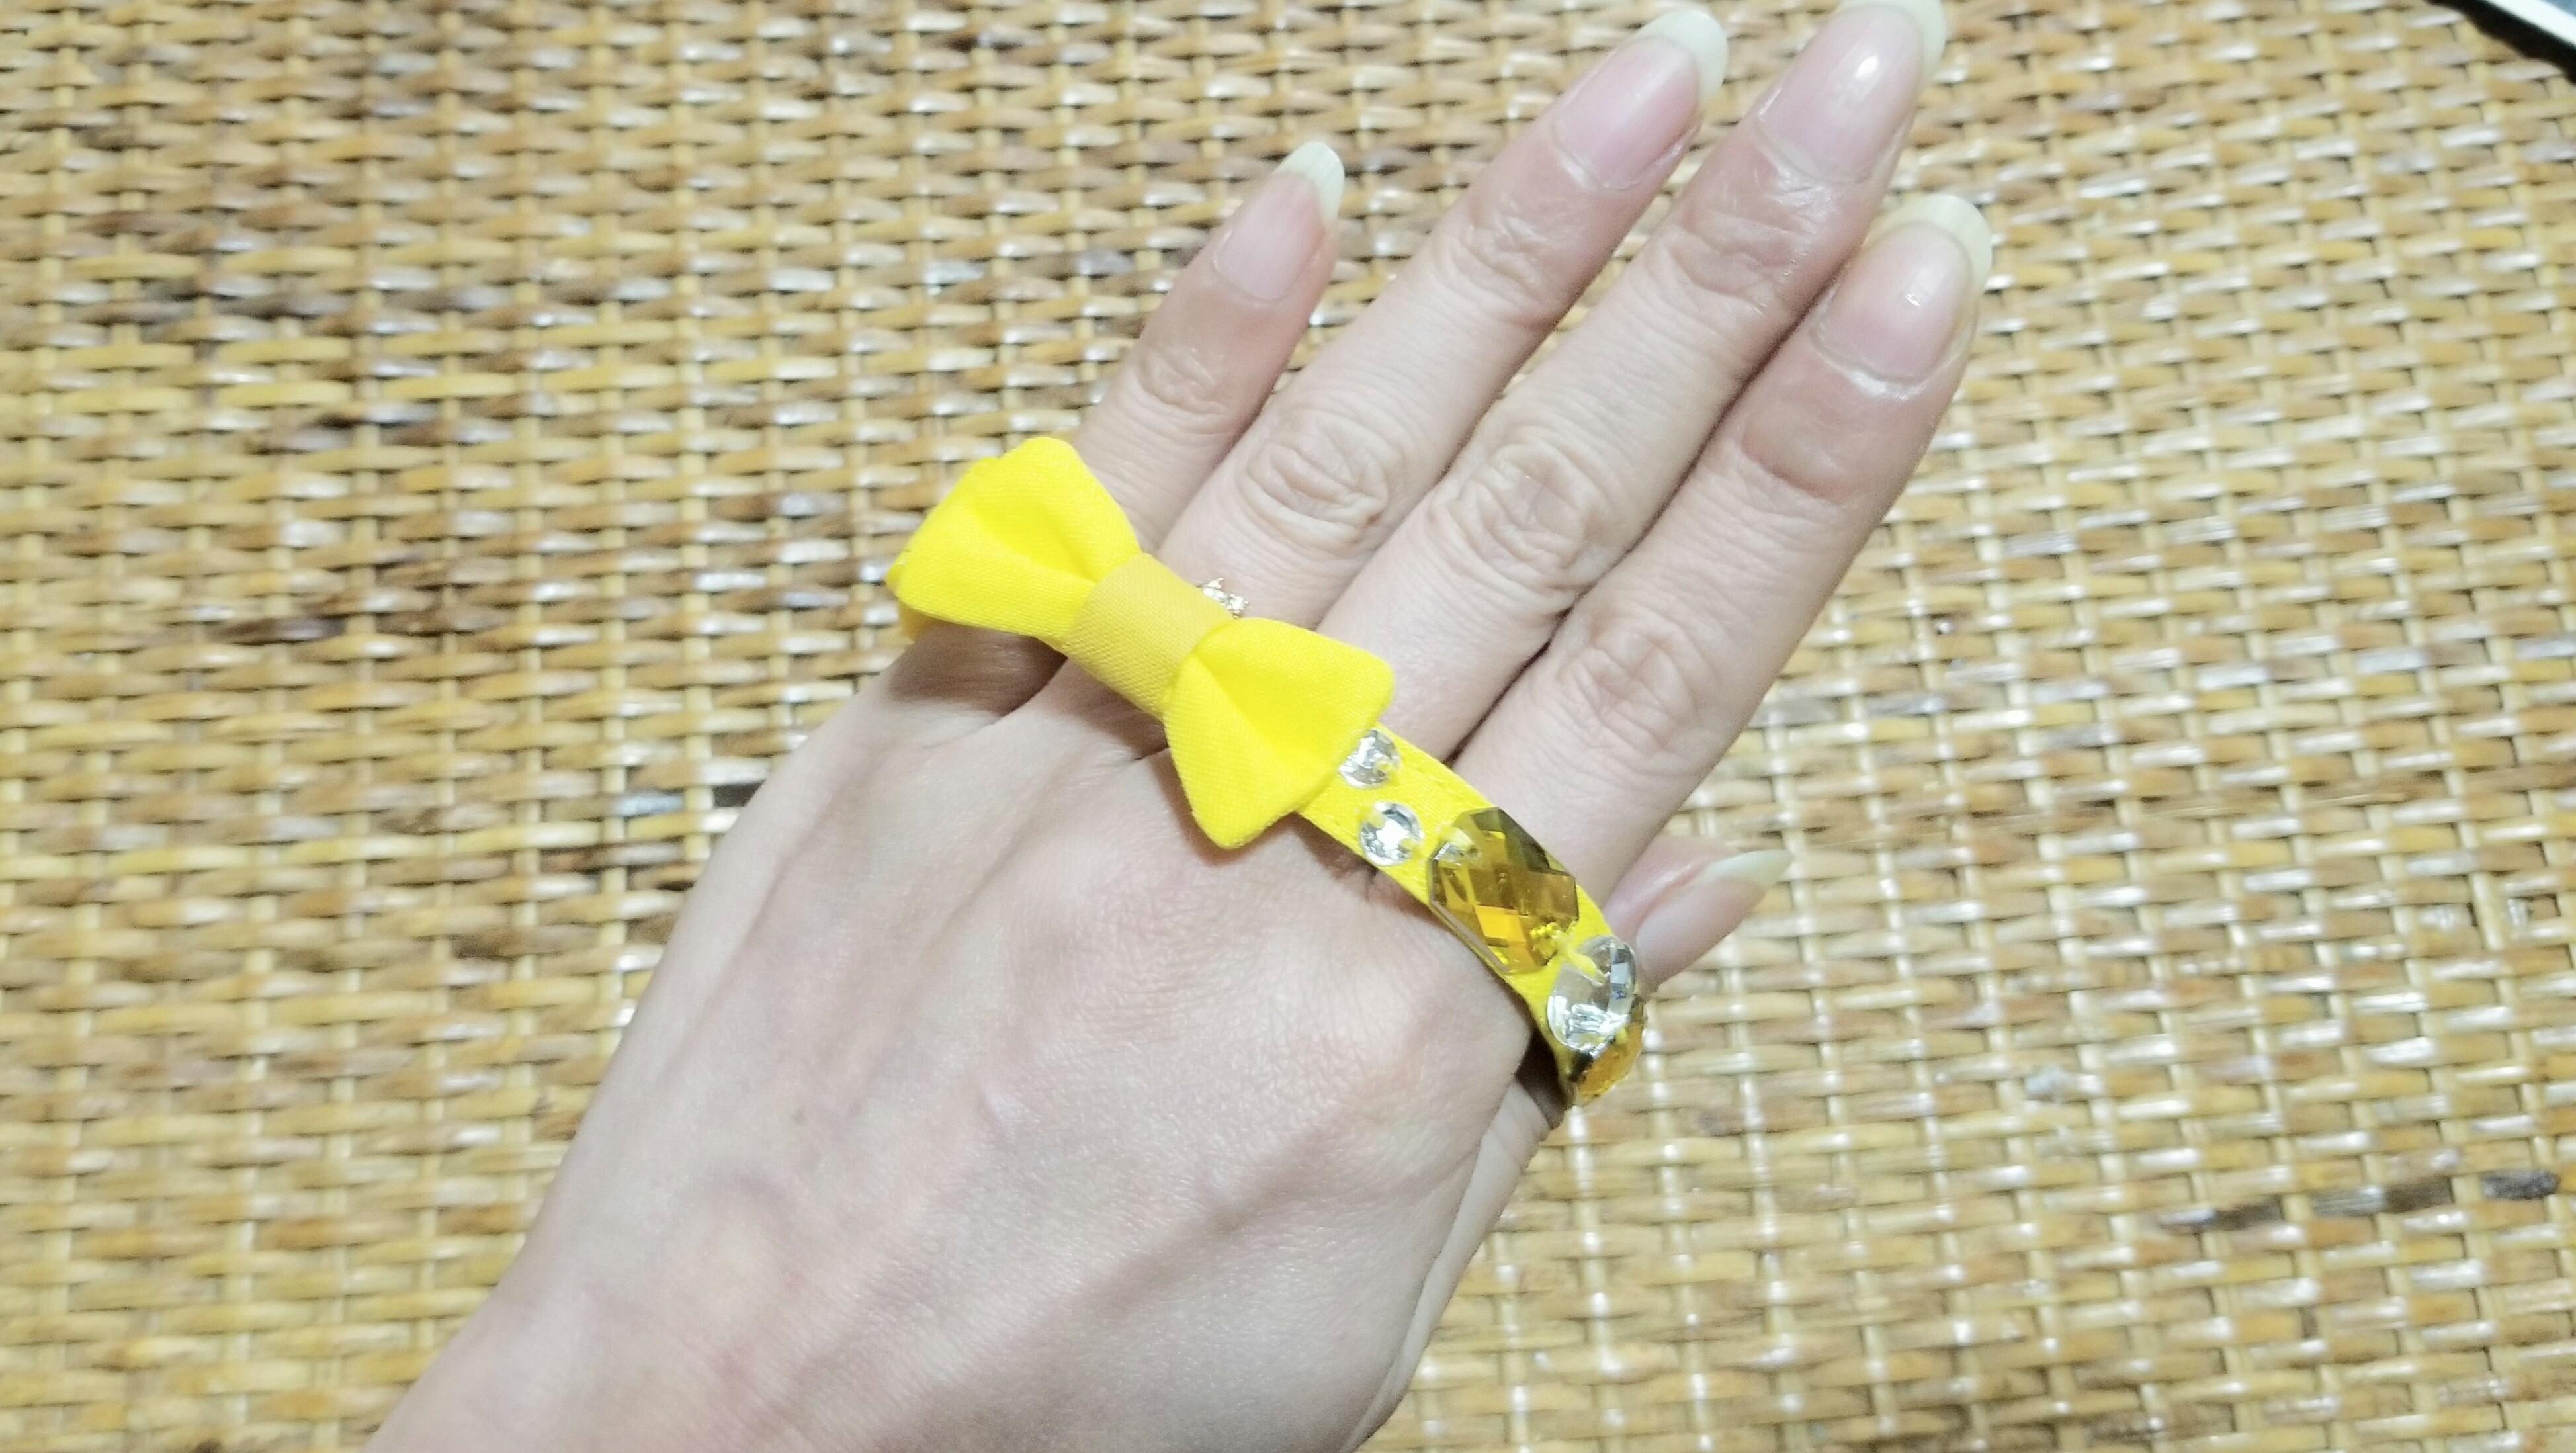 ハンドメイド手作り猫用首輪可愛いペットツイッタープレゼント企画